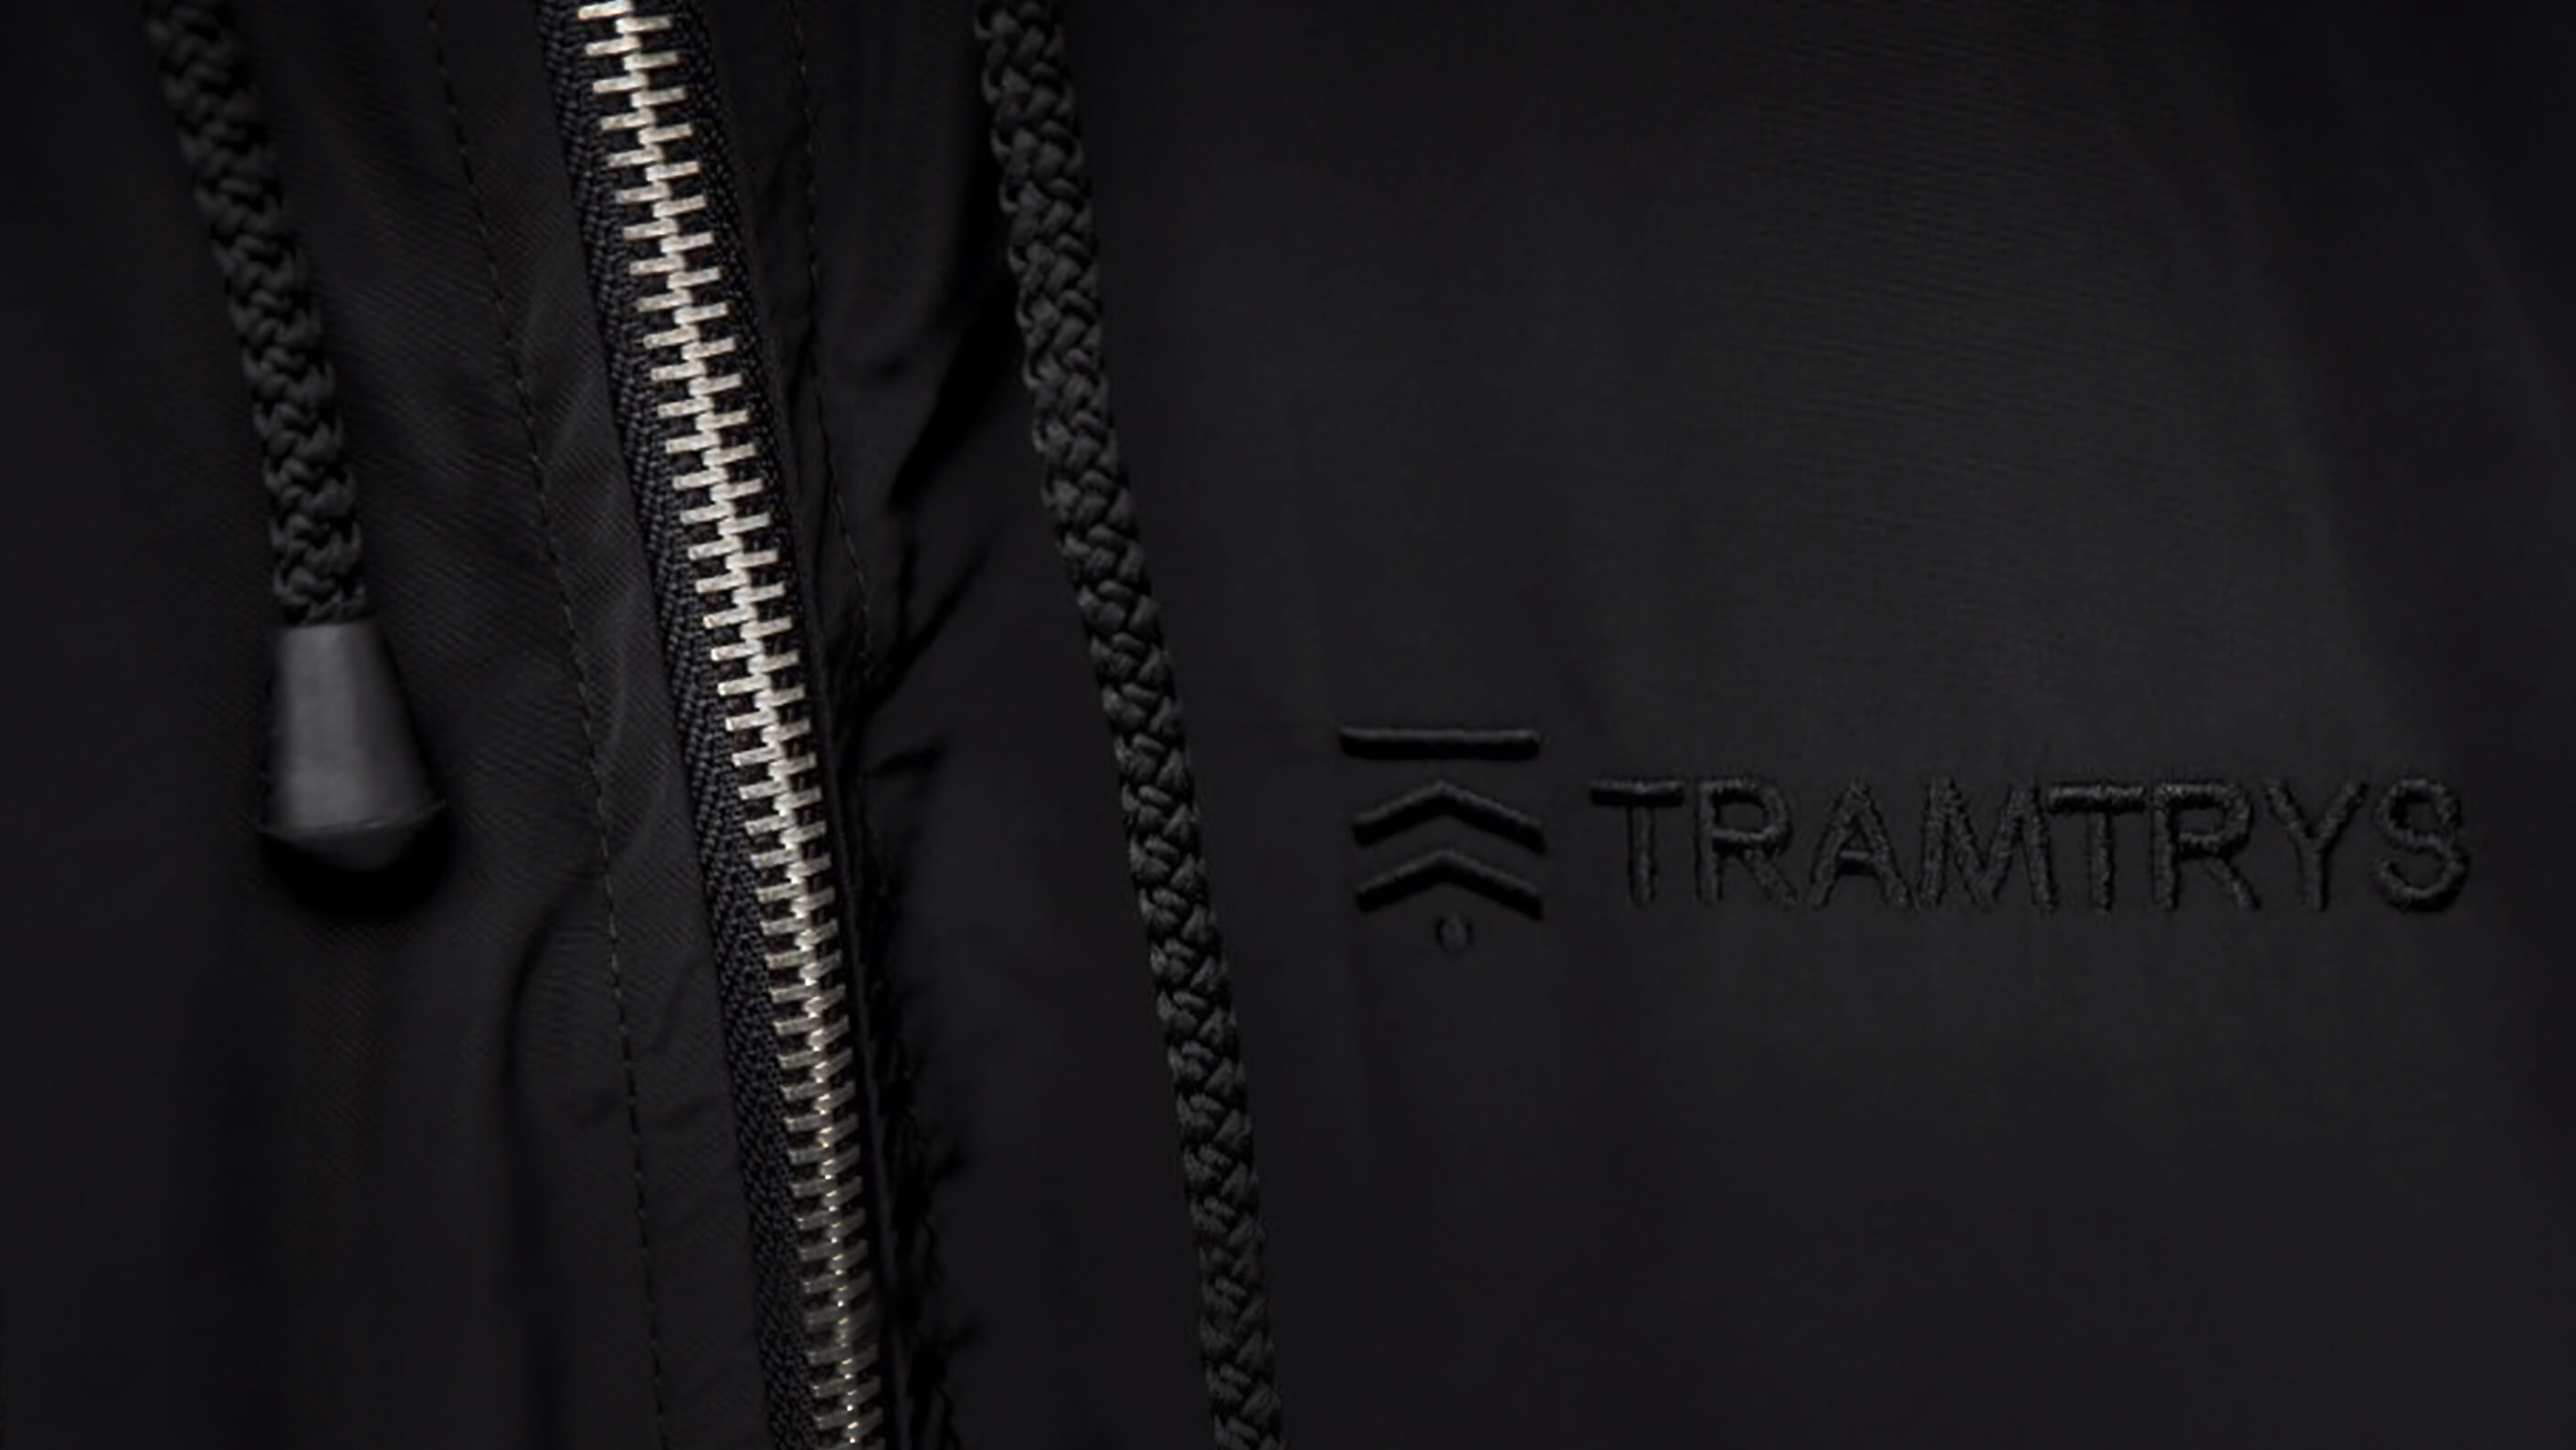 tramtrys-zip-2820×1587